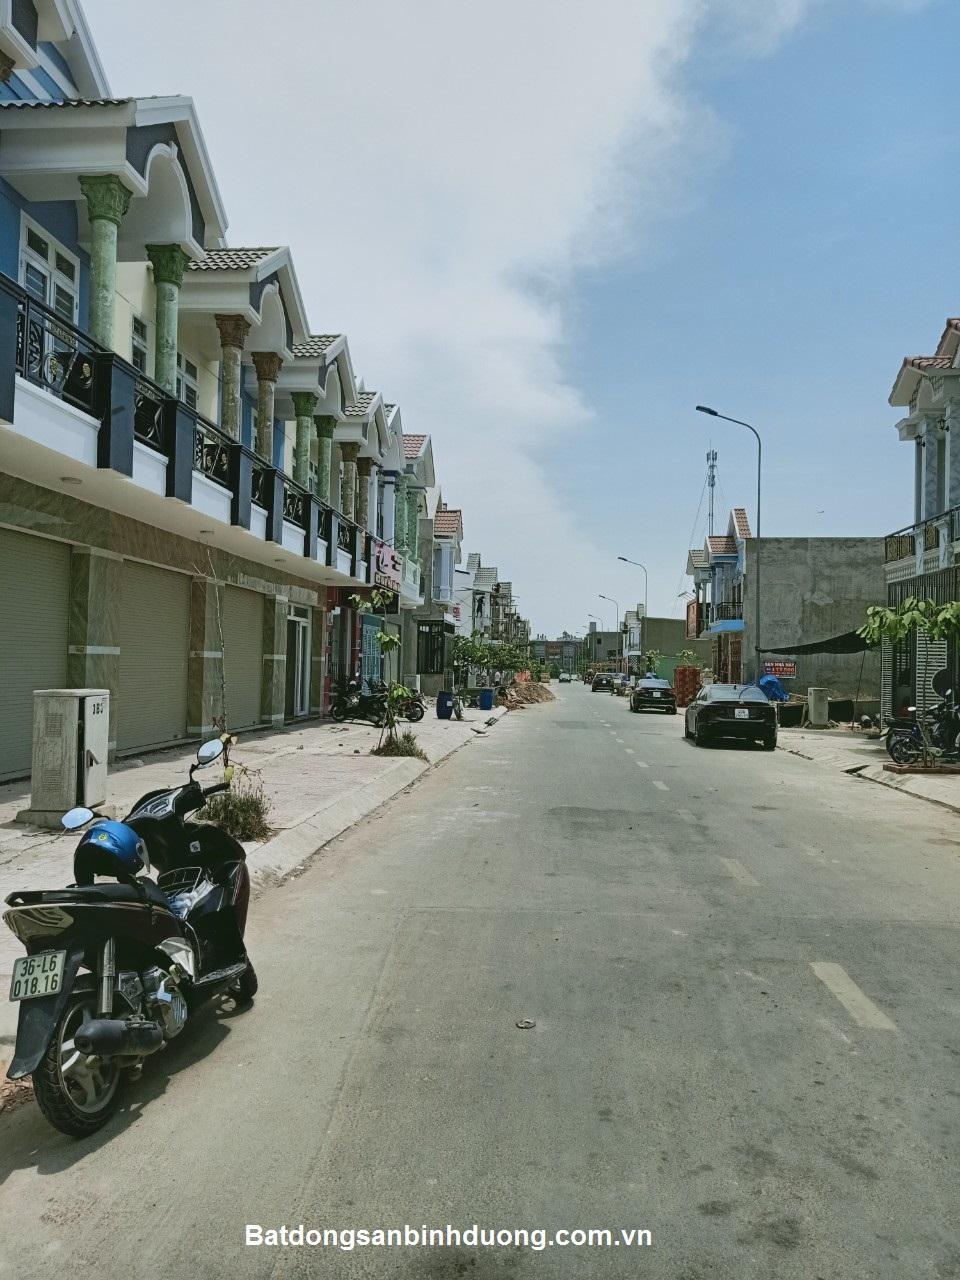 Bán nhà Thuận An khu dân cư Phú Hồng Thịnh 8